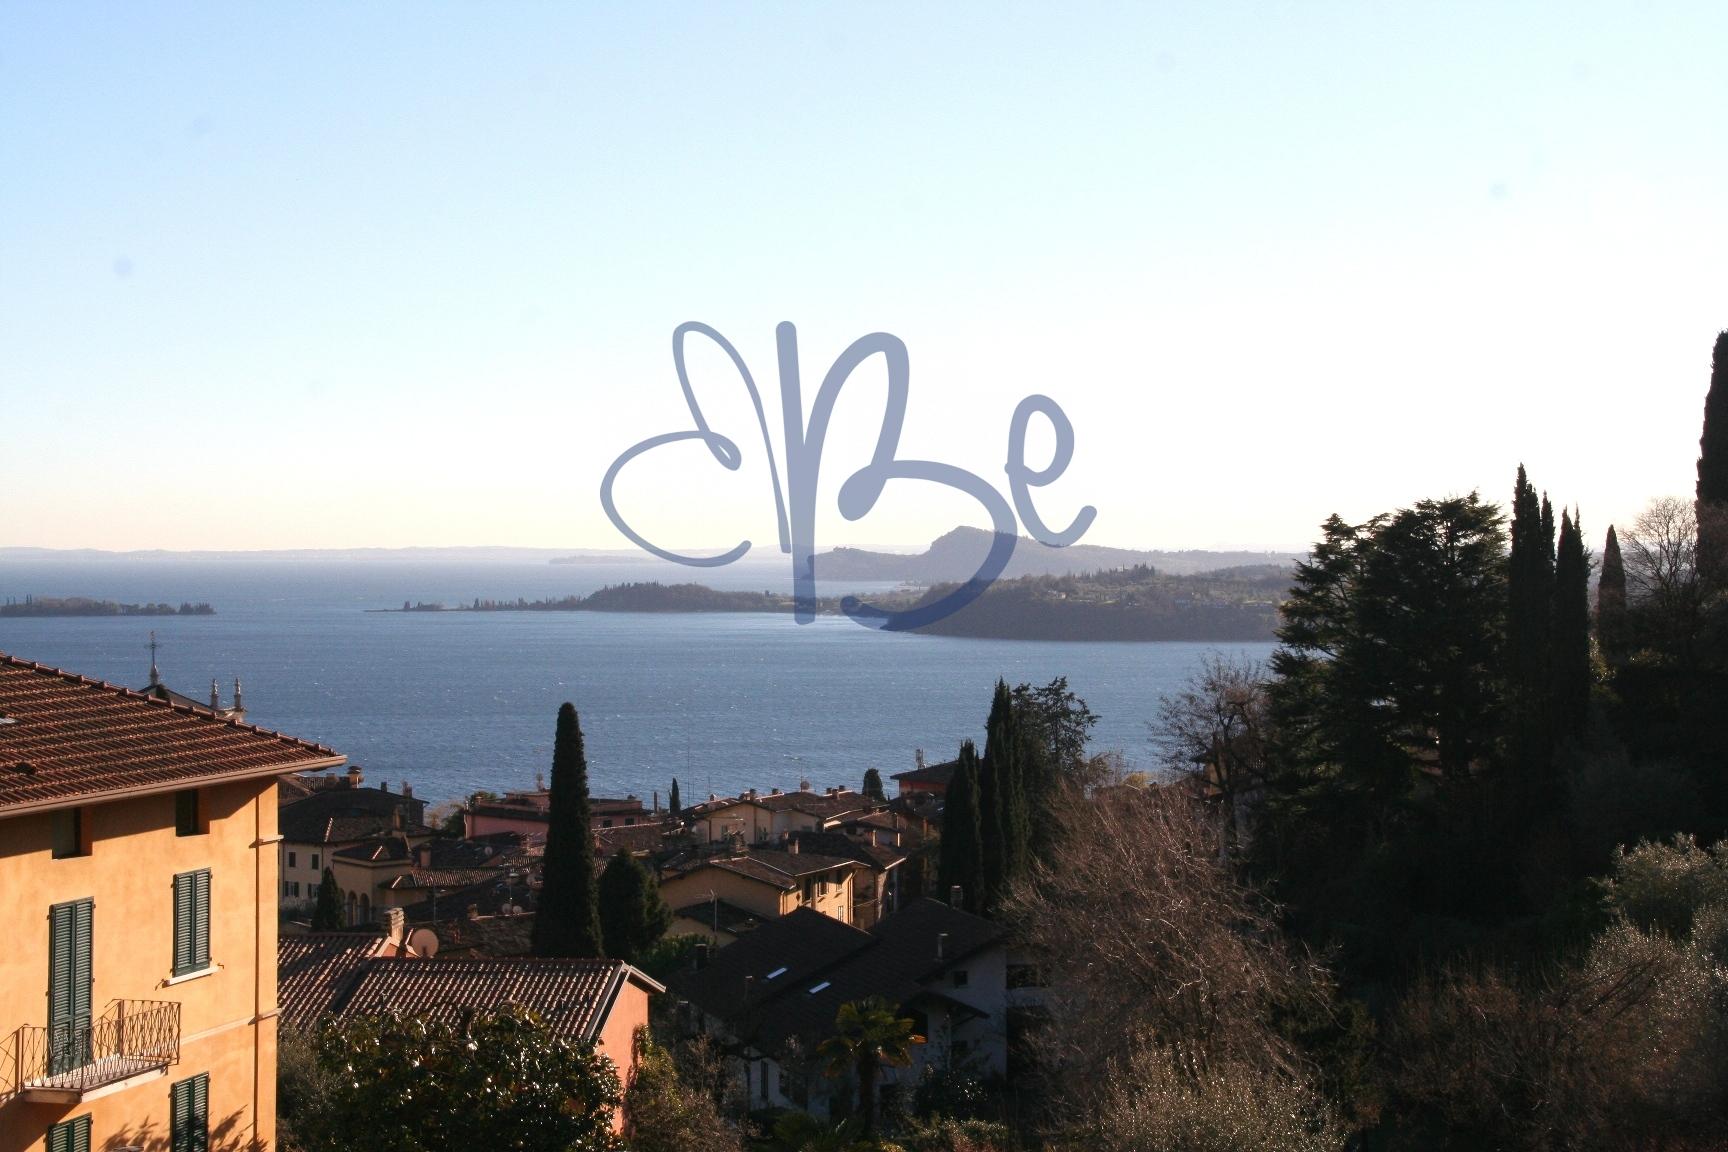 Appartamento in vendita a Gardone Riviera, 4 locali, zona Località: GardoneSopra, prezzo € 335.000 | CambioCasa.it